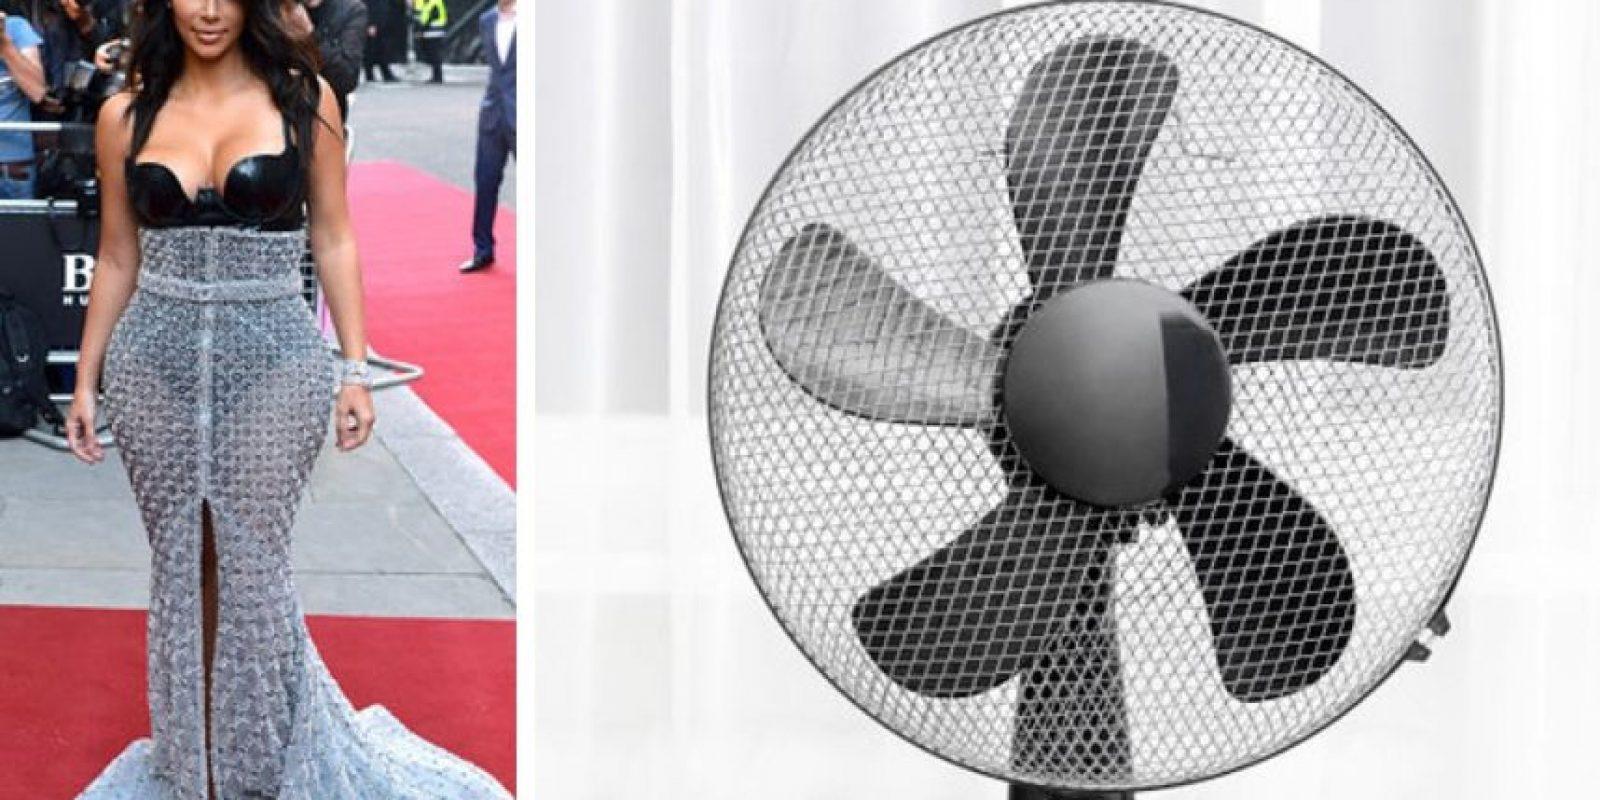 O un ventilador Foto:Twitter